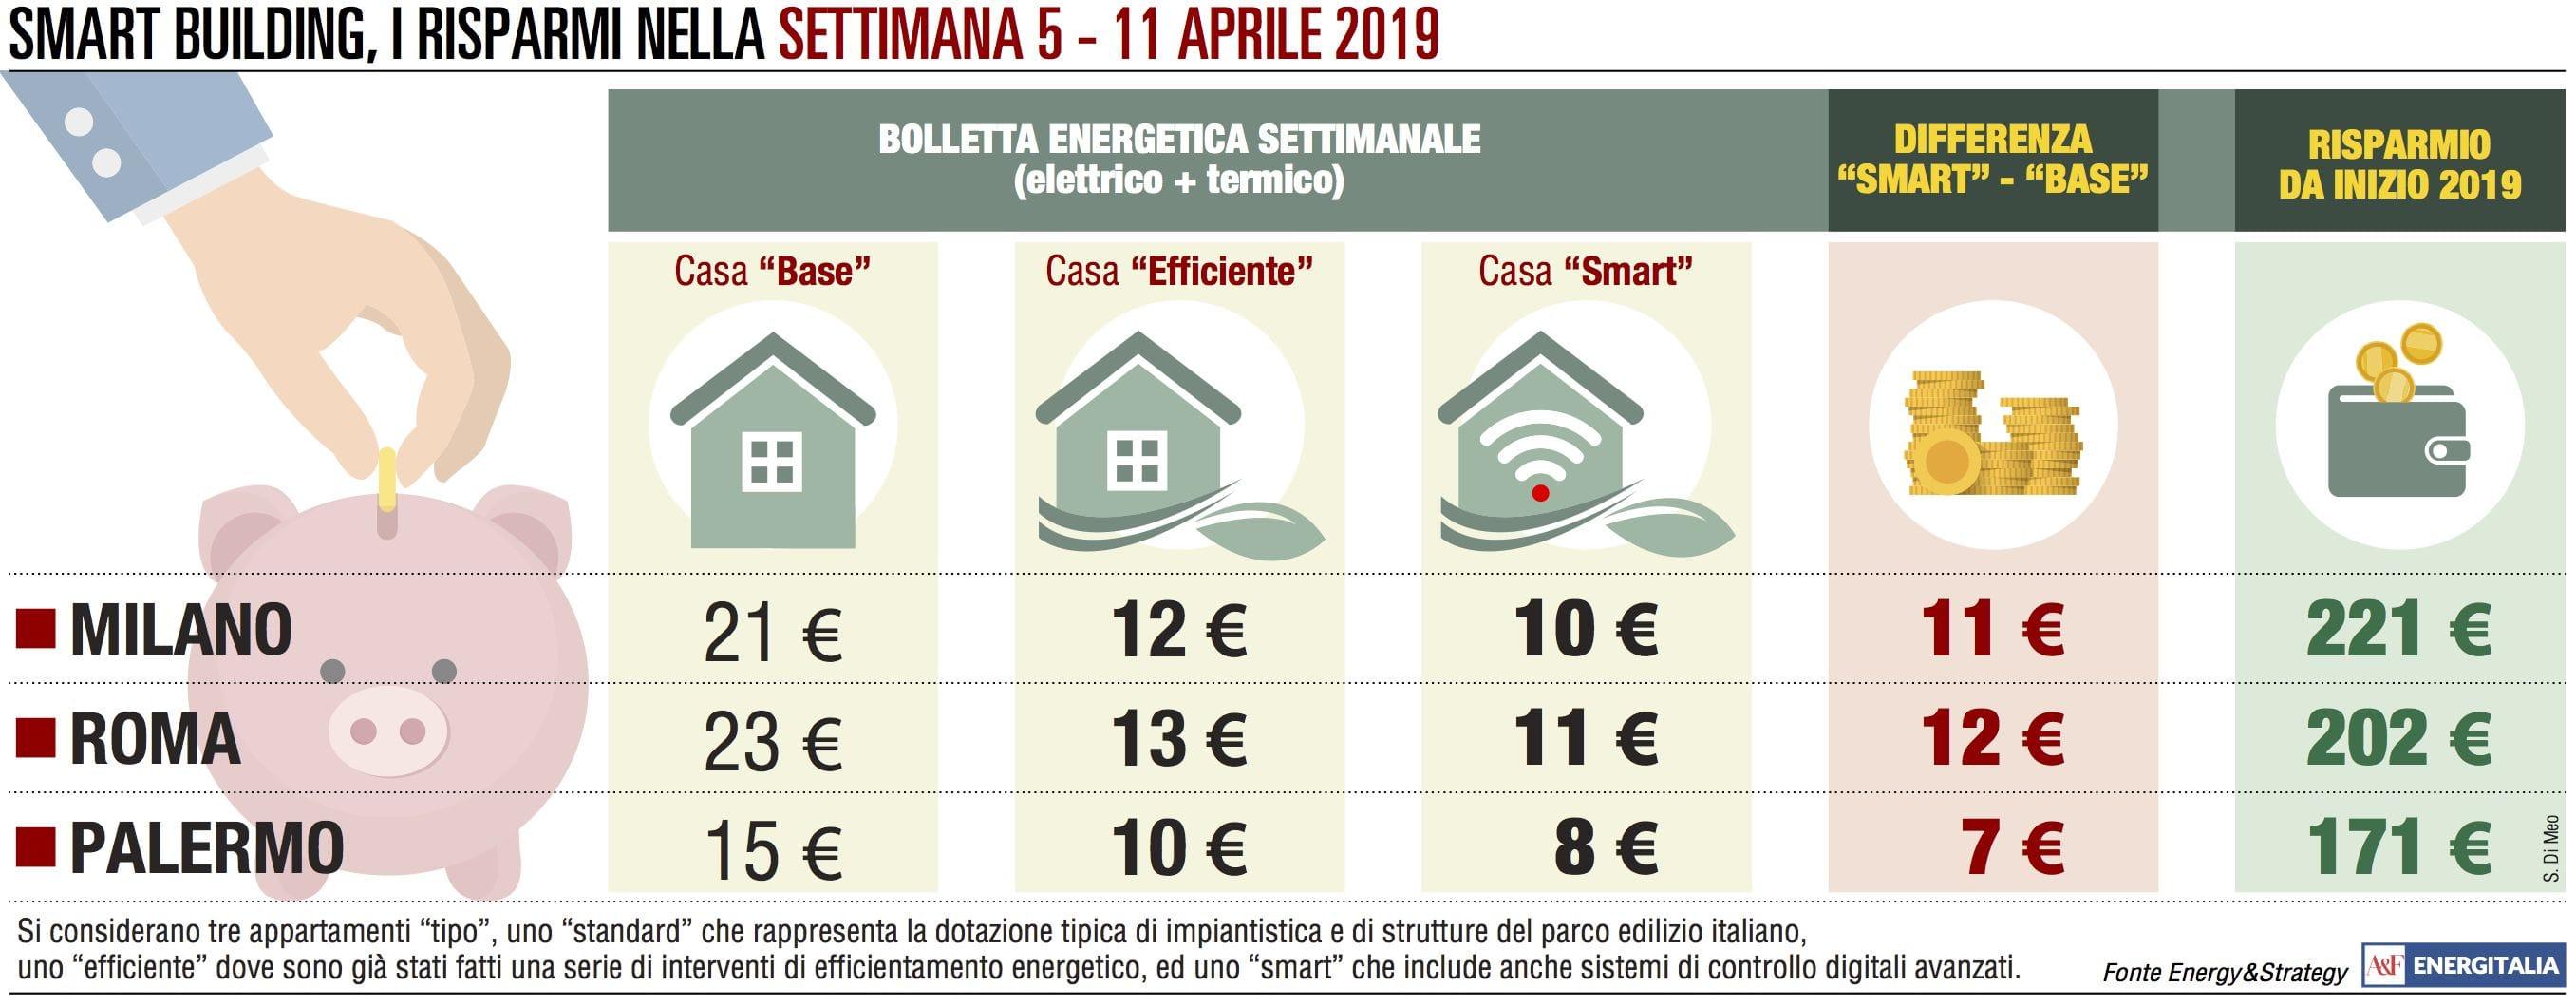 Roma e Milano, rincari in bolletta per maggiori costi del riscaldamento